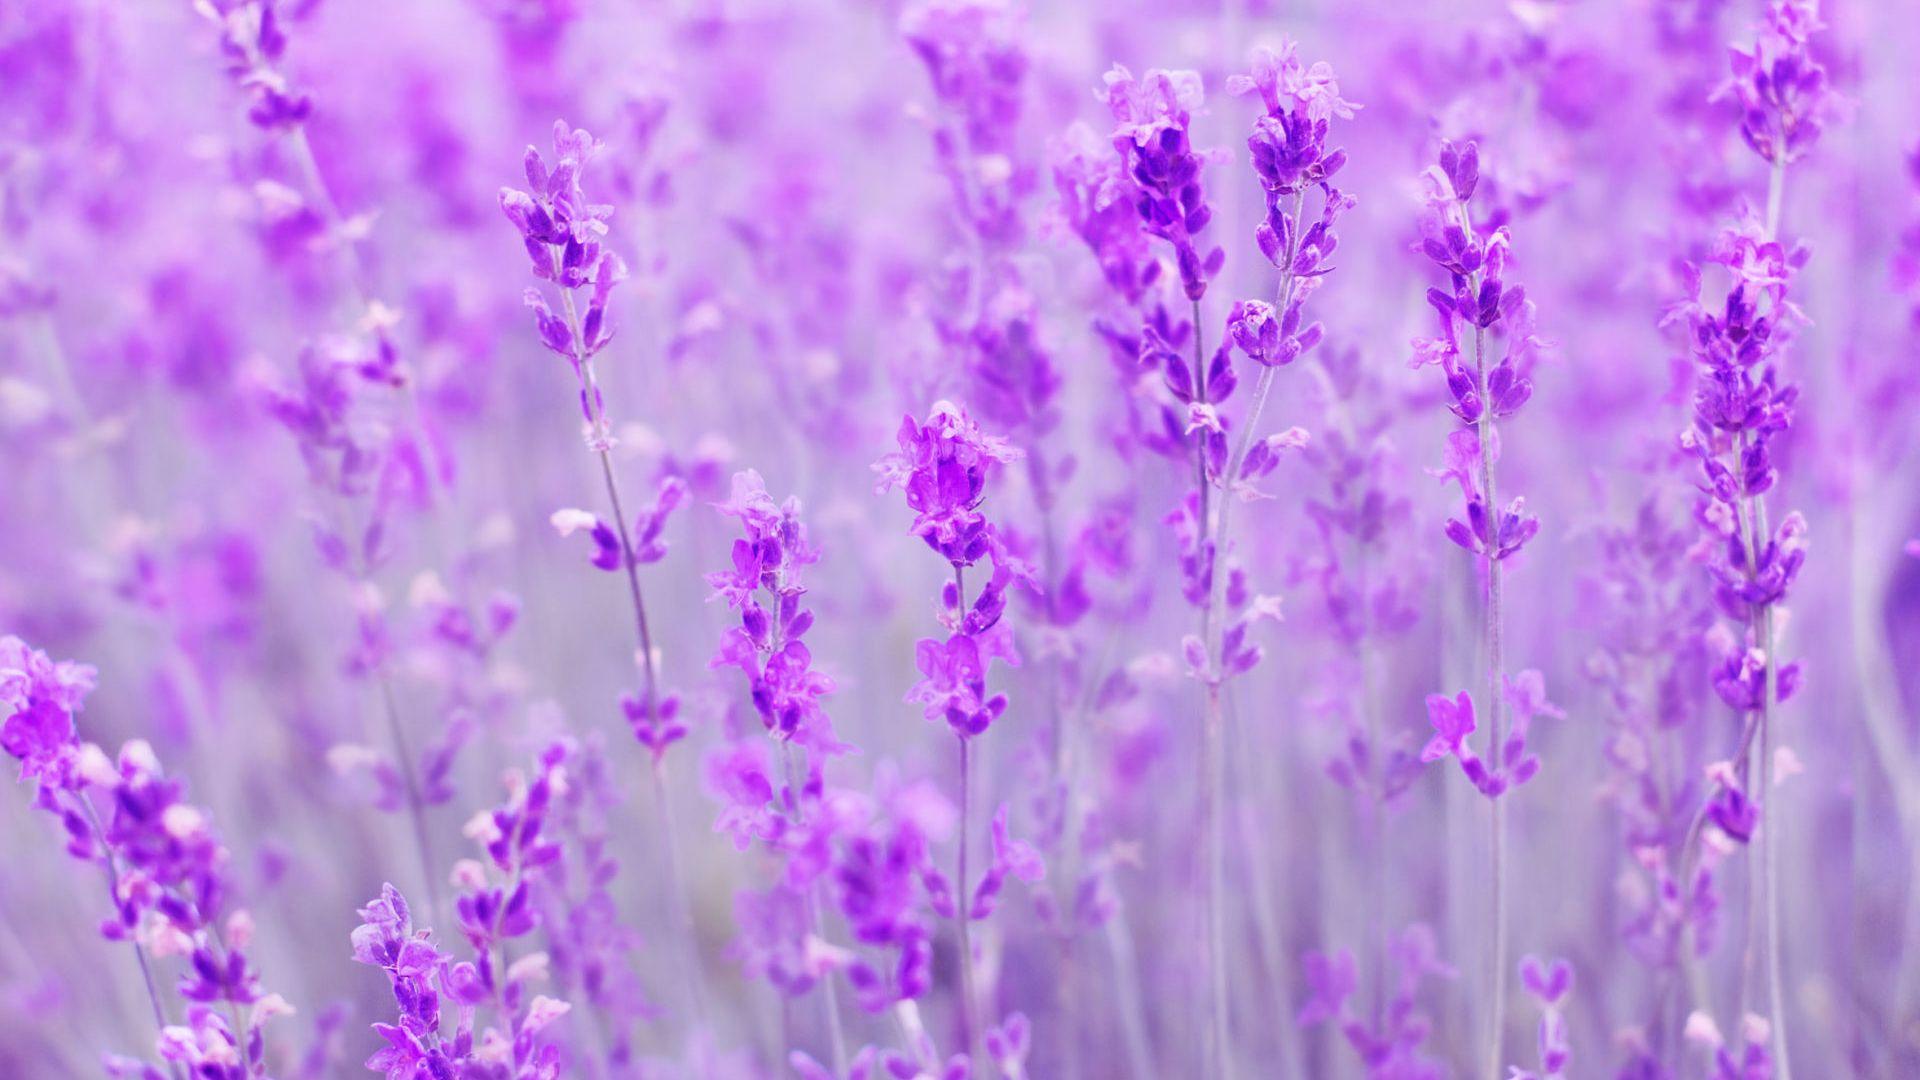 Wallpaper Spring, purple flowers, meadow